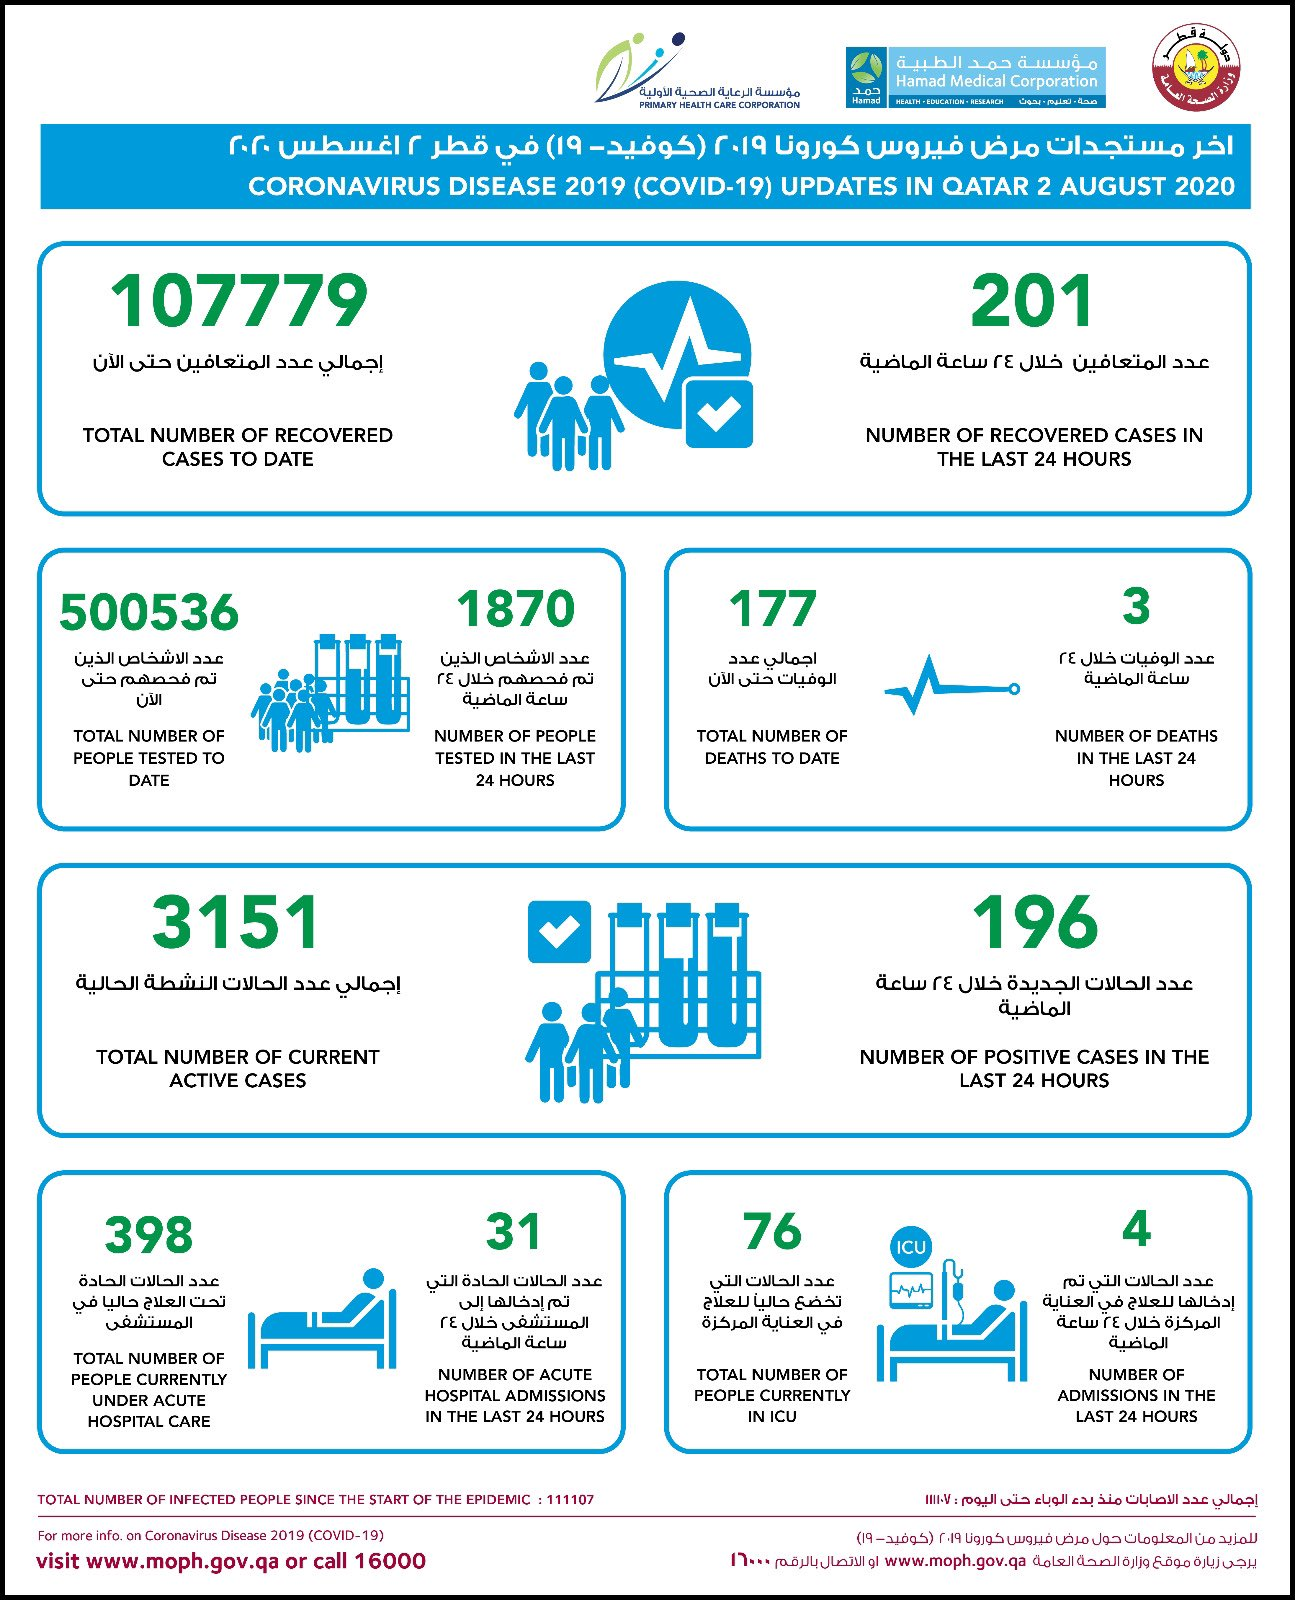 《【摩登2登陆地址】卡塔尔新增196例新冠病毒肺炎确诊病例 累计111107例》